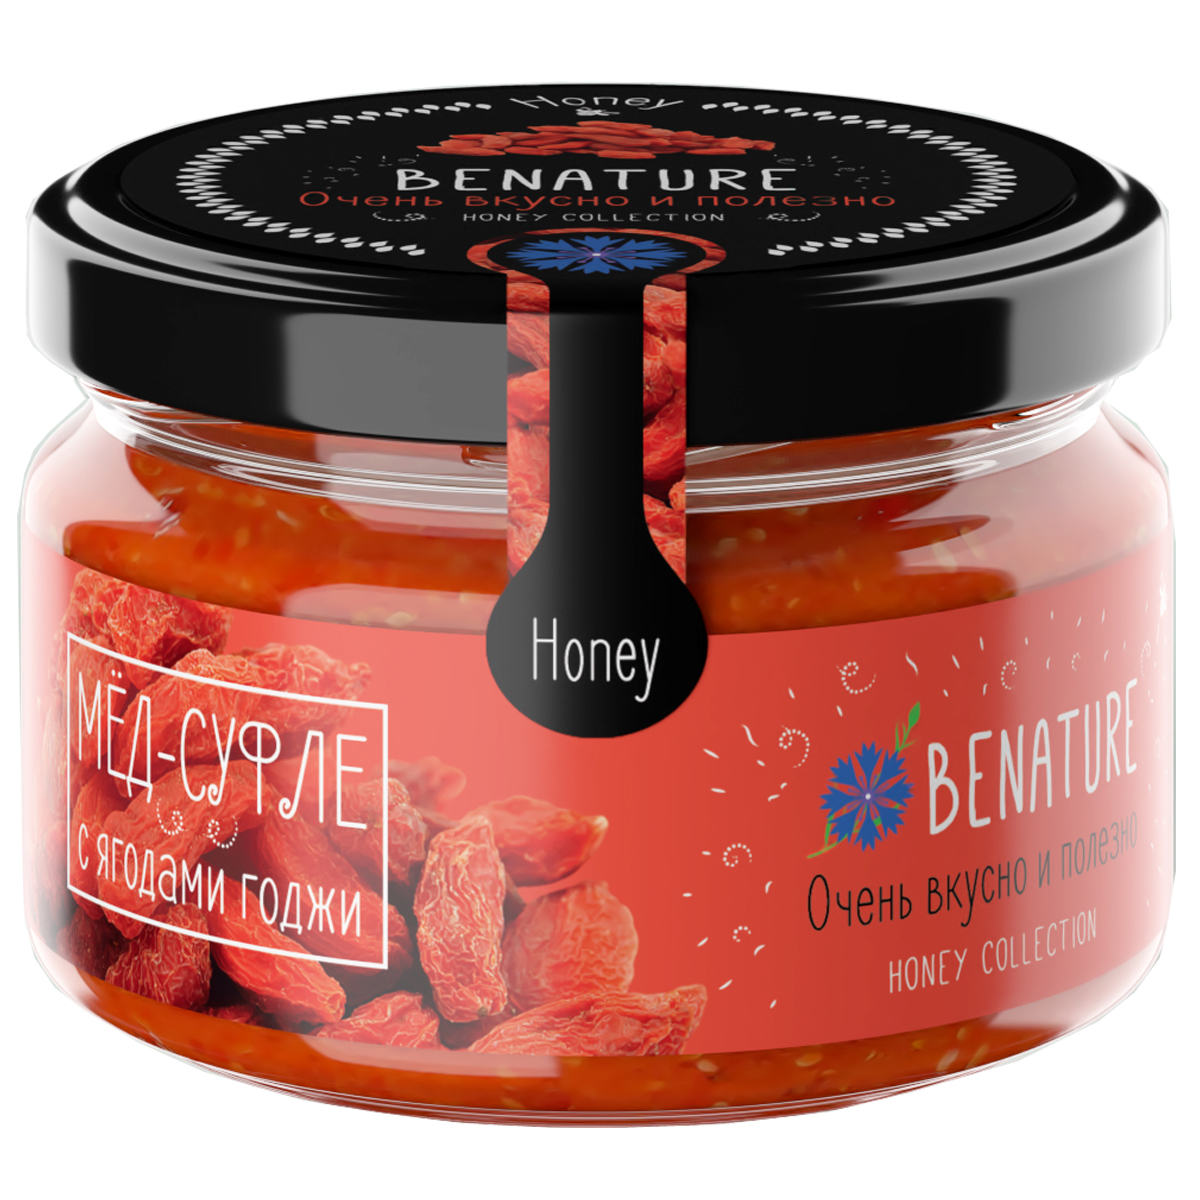 BeNature мед-суфле с ягодой годжи, 250 млБ0002387Издавна известно о полезных свойствах меда. Новые технологии позволяют получать чистый, натуральный продукт. Добавленные в мед натуральные ягоды и орехи, усиливают его полезные свойства, повышают благотворное воздействие на организм и подчеркивают новый, неповторимый вкус. Уникальный продукт для здоровья и долголетия с тонким приятным ароматом натуральных соков, сохраняющий все полезные свойства.Целебные сорта мёда. Статья OZON Гид